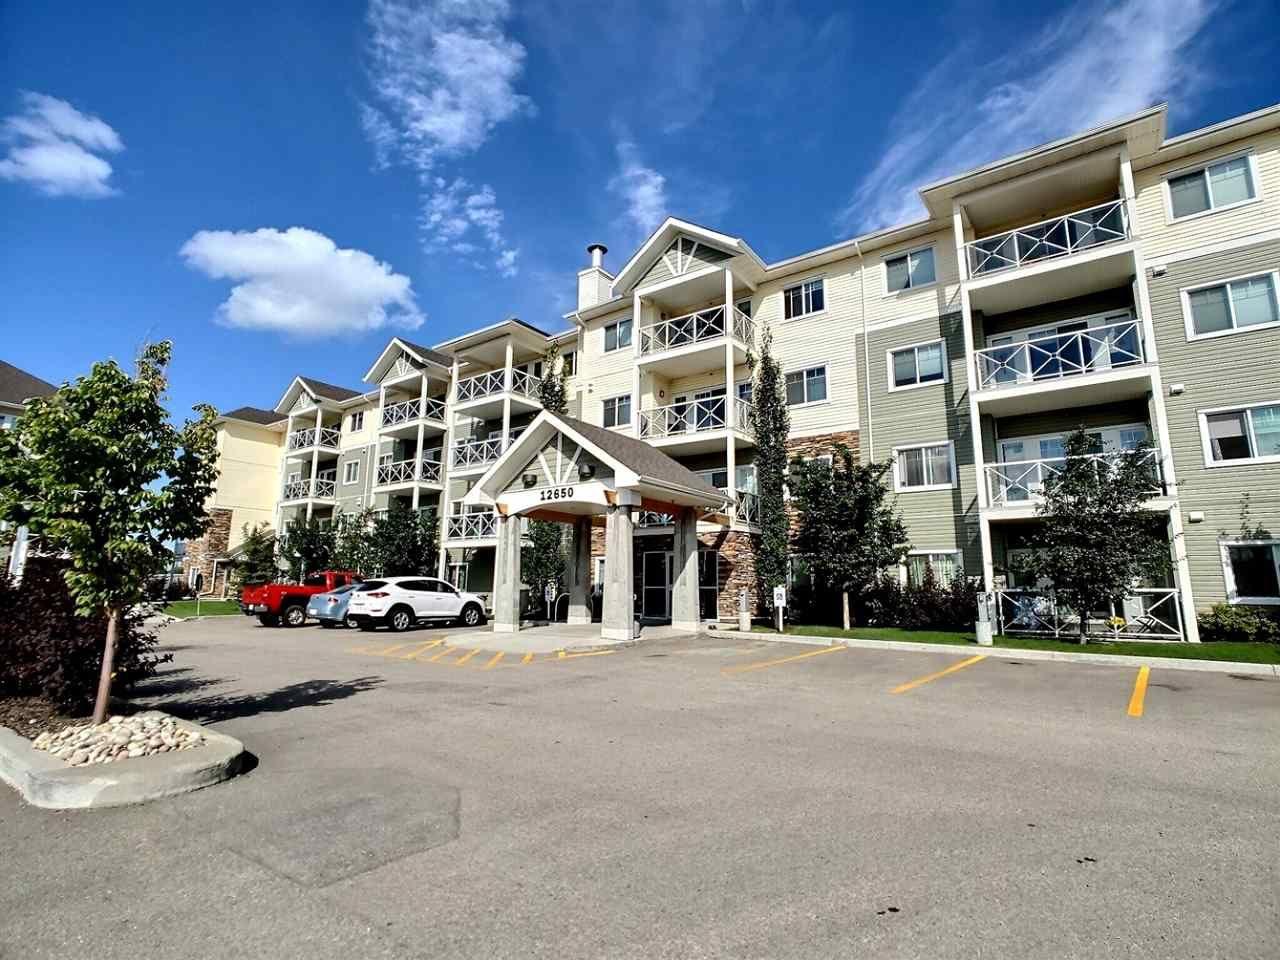 Main Photo: 309 12650 142 Avenue in Edmonton: Zone 27 Condo for sale : MLS®# E4227329